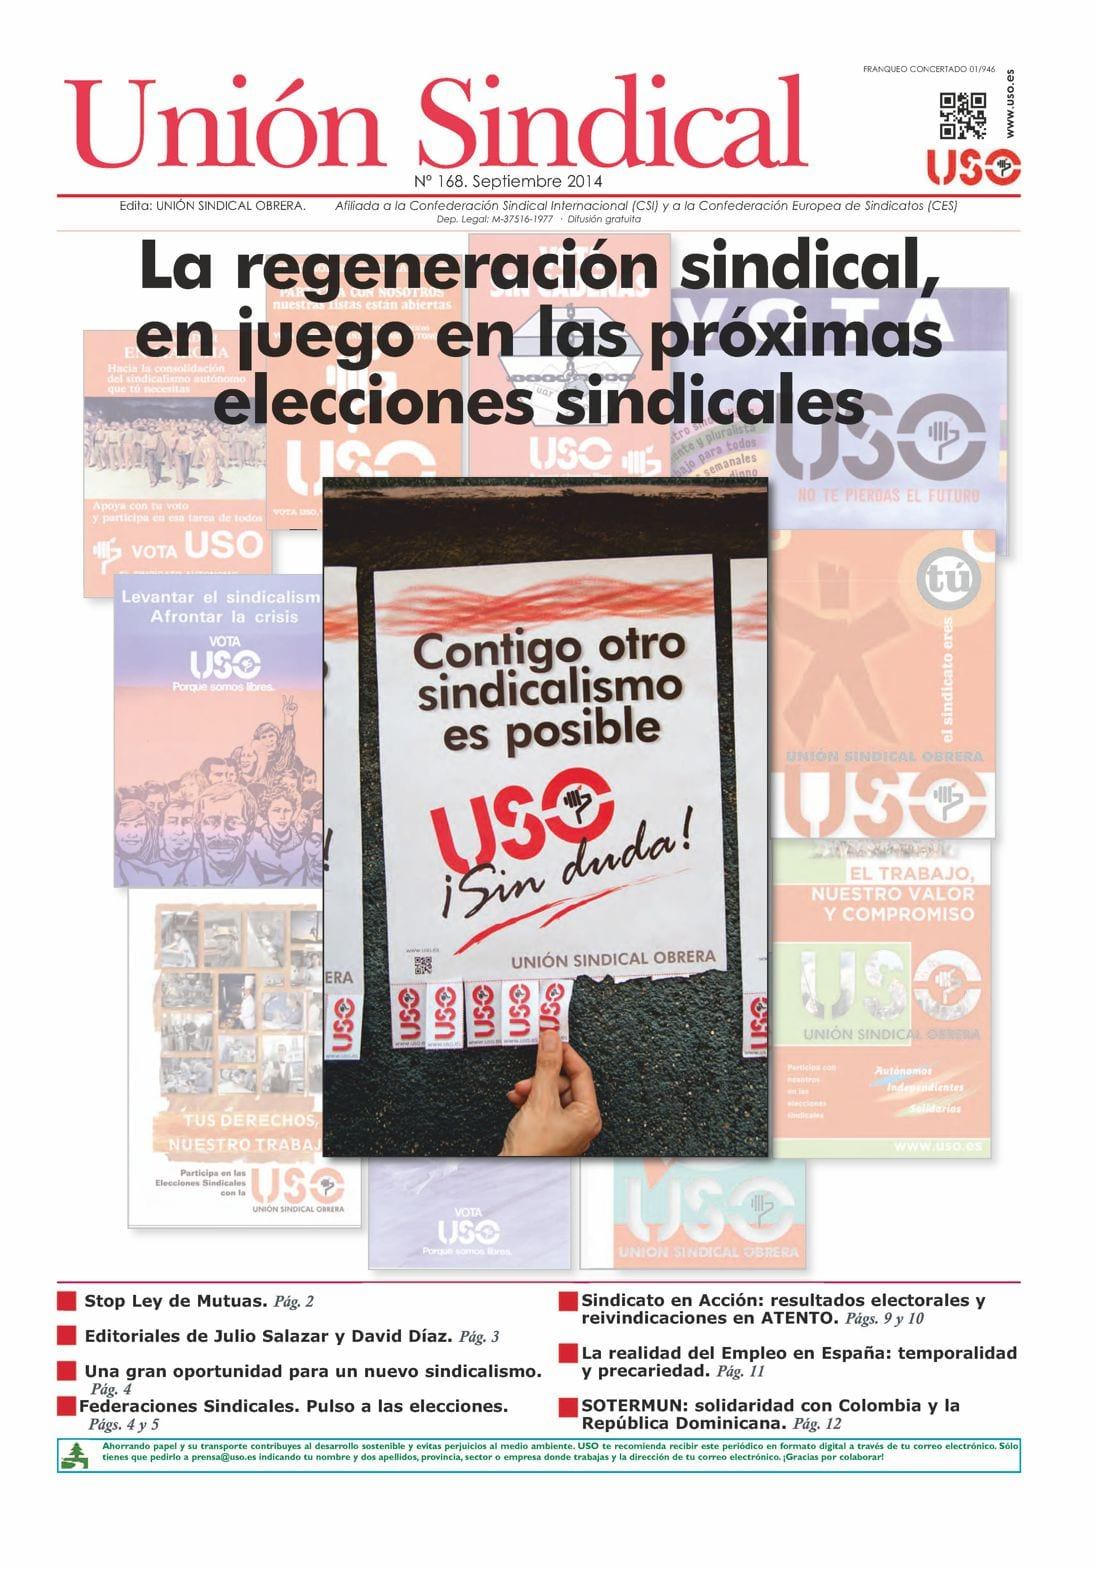 Unión Sindical 168